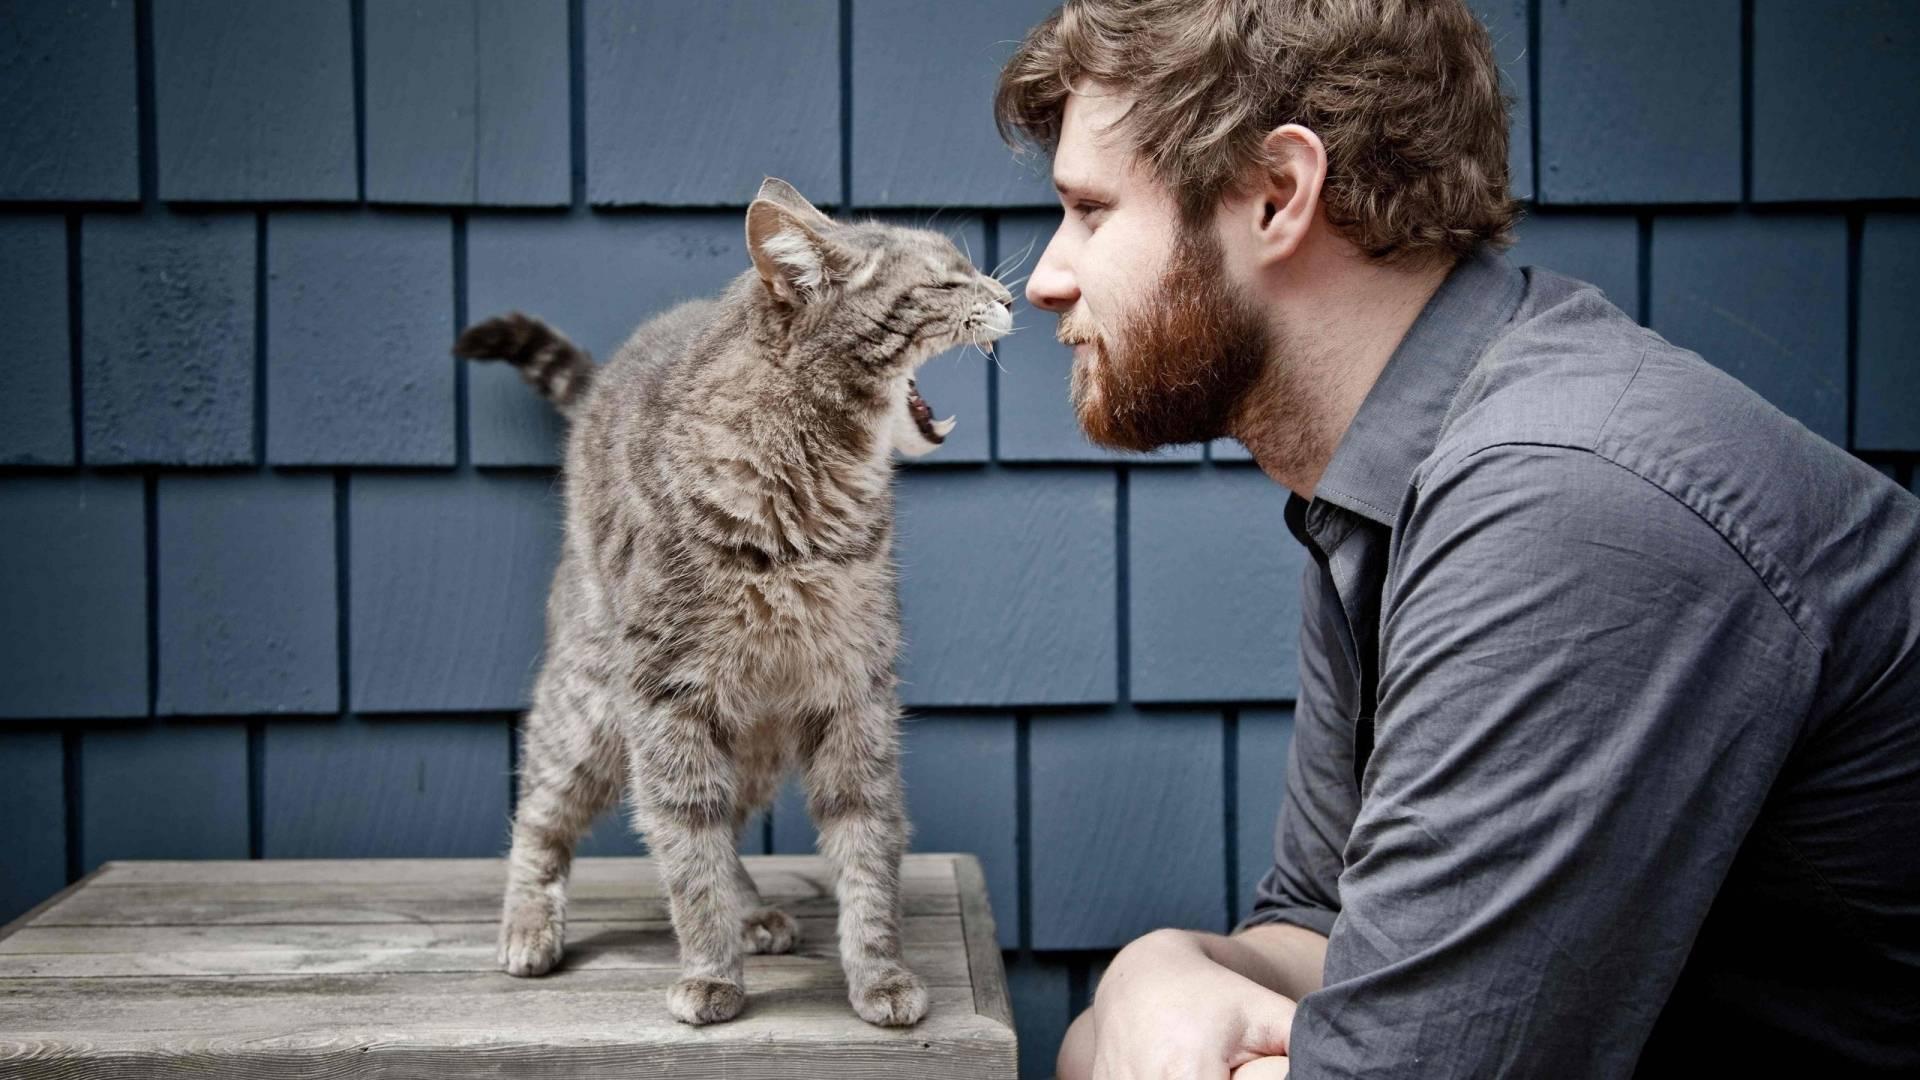 Кот стал агрессивным, нападает на хозяйку: почему кошка шипит, кидается, кусает хозяев без причины?